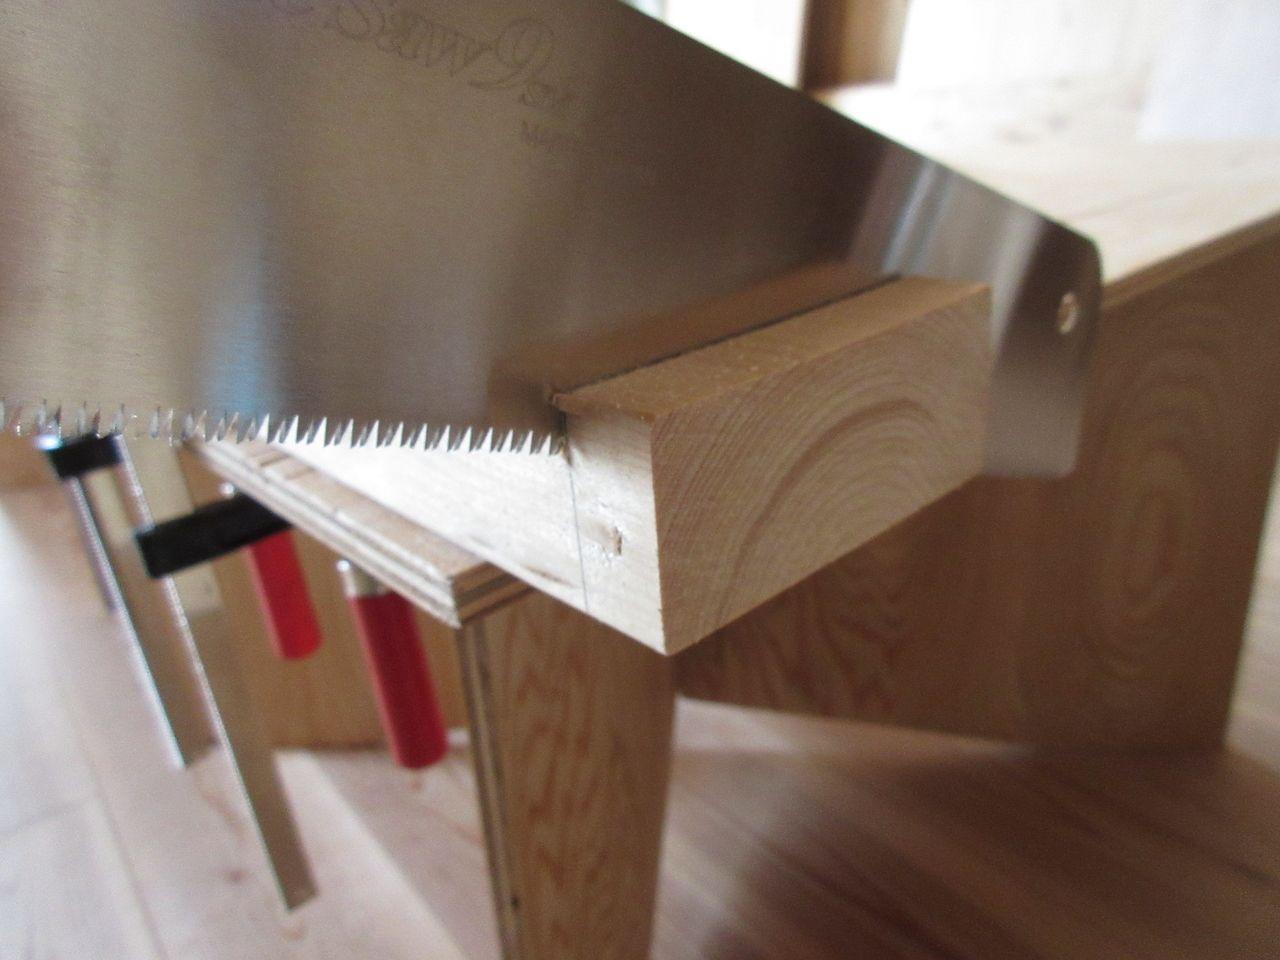 みなさまこんにちは。『ノコギリで木材をキレイにカットする方法~ガイドなし編 その1~』の続きです。数あるやり方の中の一つの参考例だと思って見ていただければと思います。